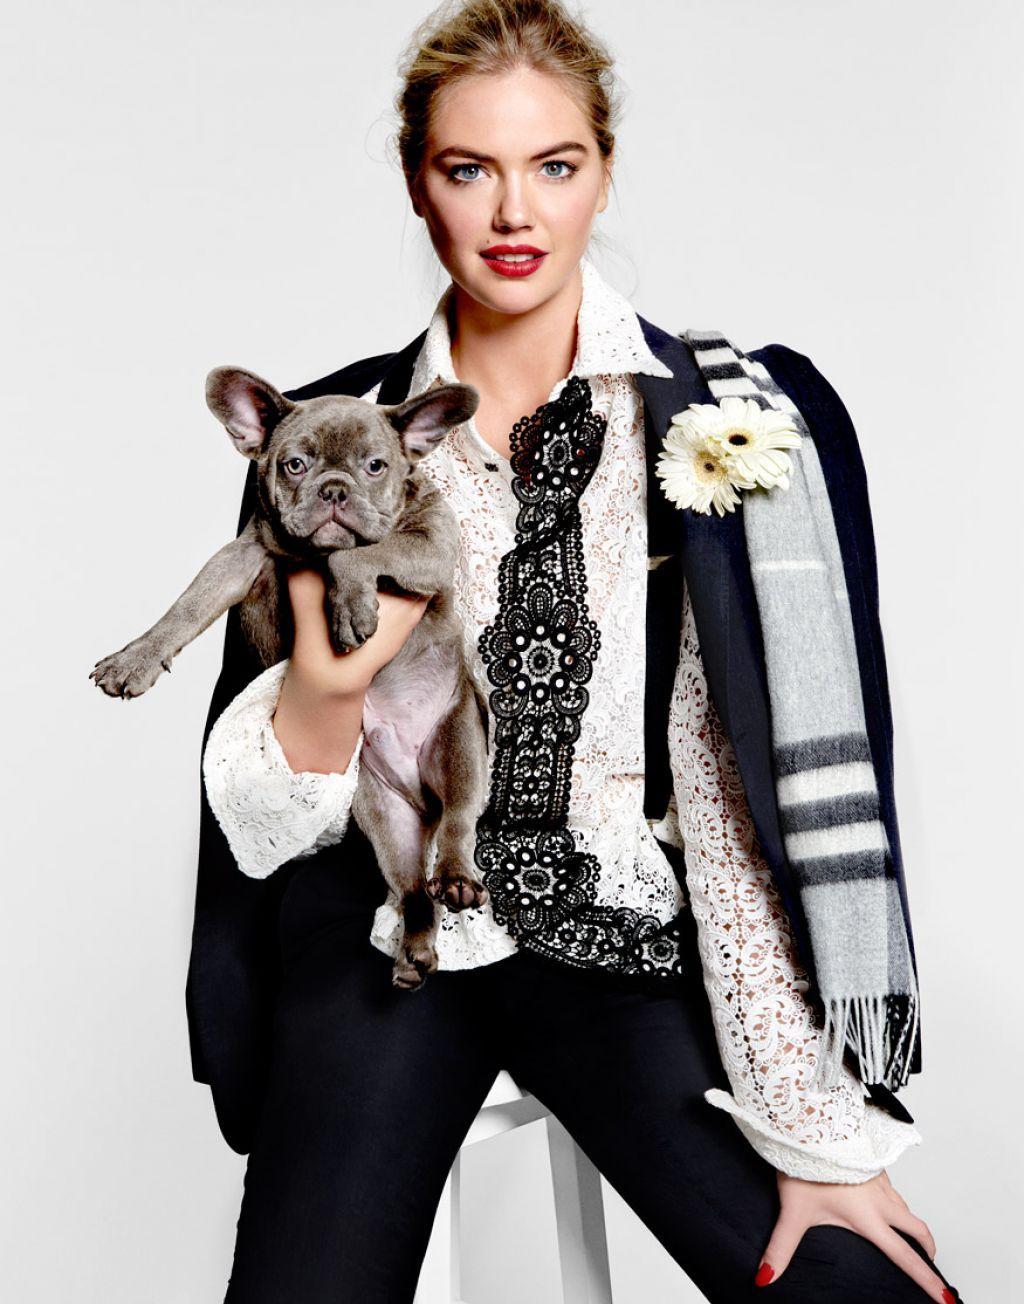 Kate Upton with dog Photo